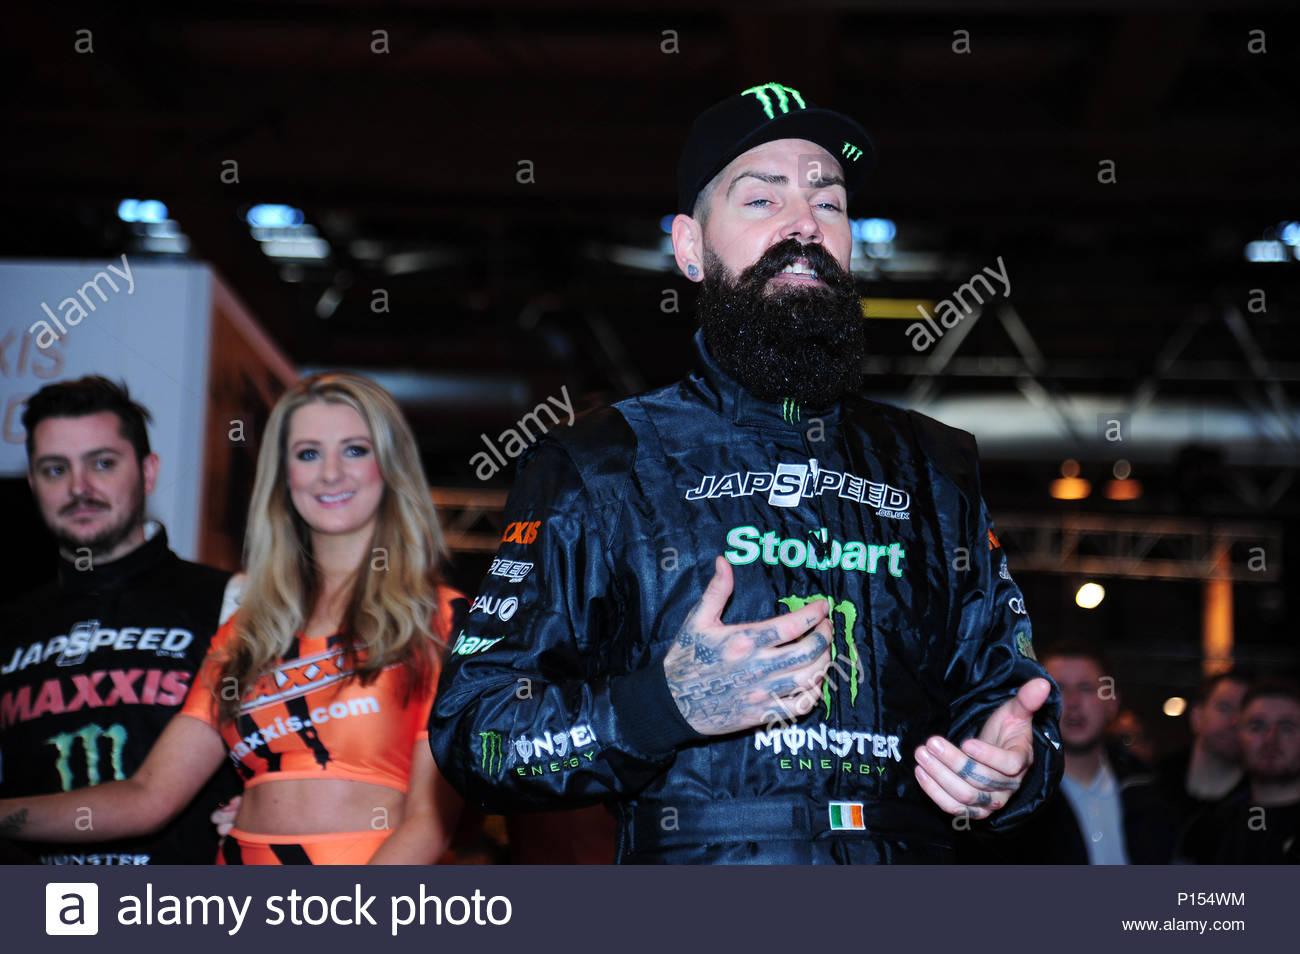 Shane Lynch. *** Obligatorisch BYLINE AUF NUR LESEN INFPhoto.com ***<BR />Eine allgemeine Ansicht während der Autosport International Auto Show in Birmingham, England. Stockbild